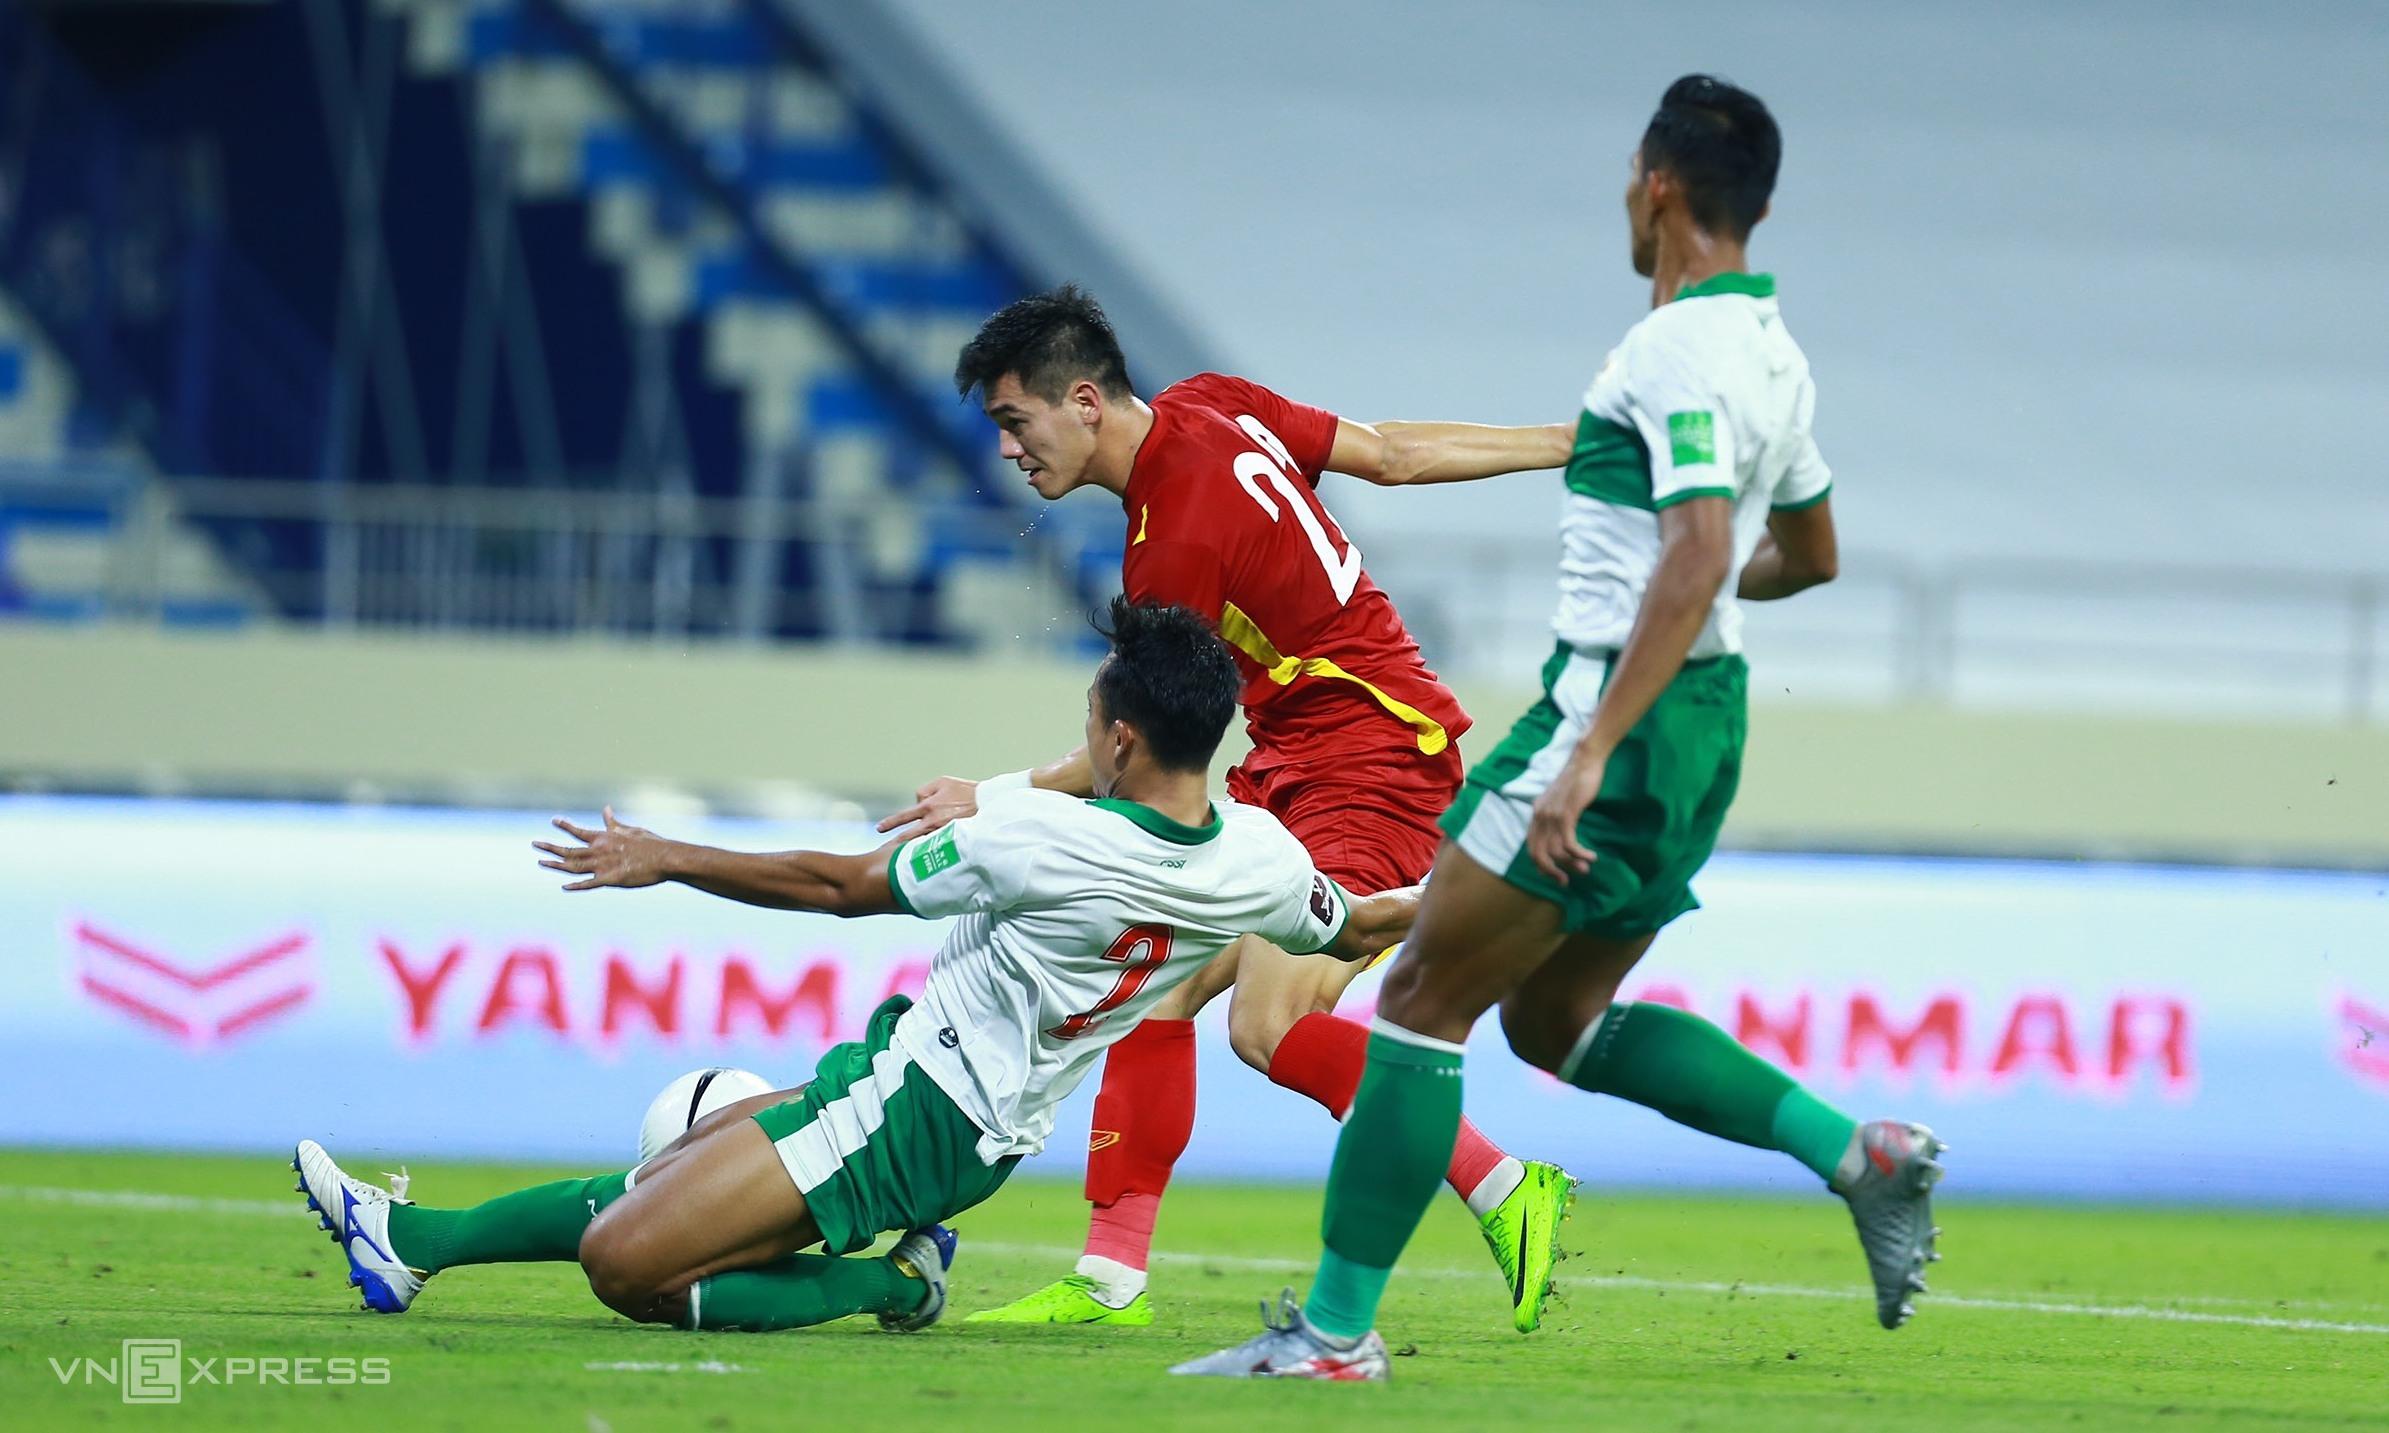 Tiến Linh sẽ cần thể hiện khả năng di chuyển ra sau hai trung vệ Malaysia, như đã làm trước Indonesia. Ảnh: Lâm Thoả